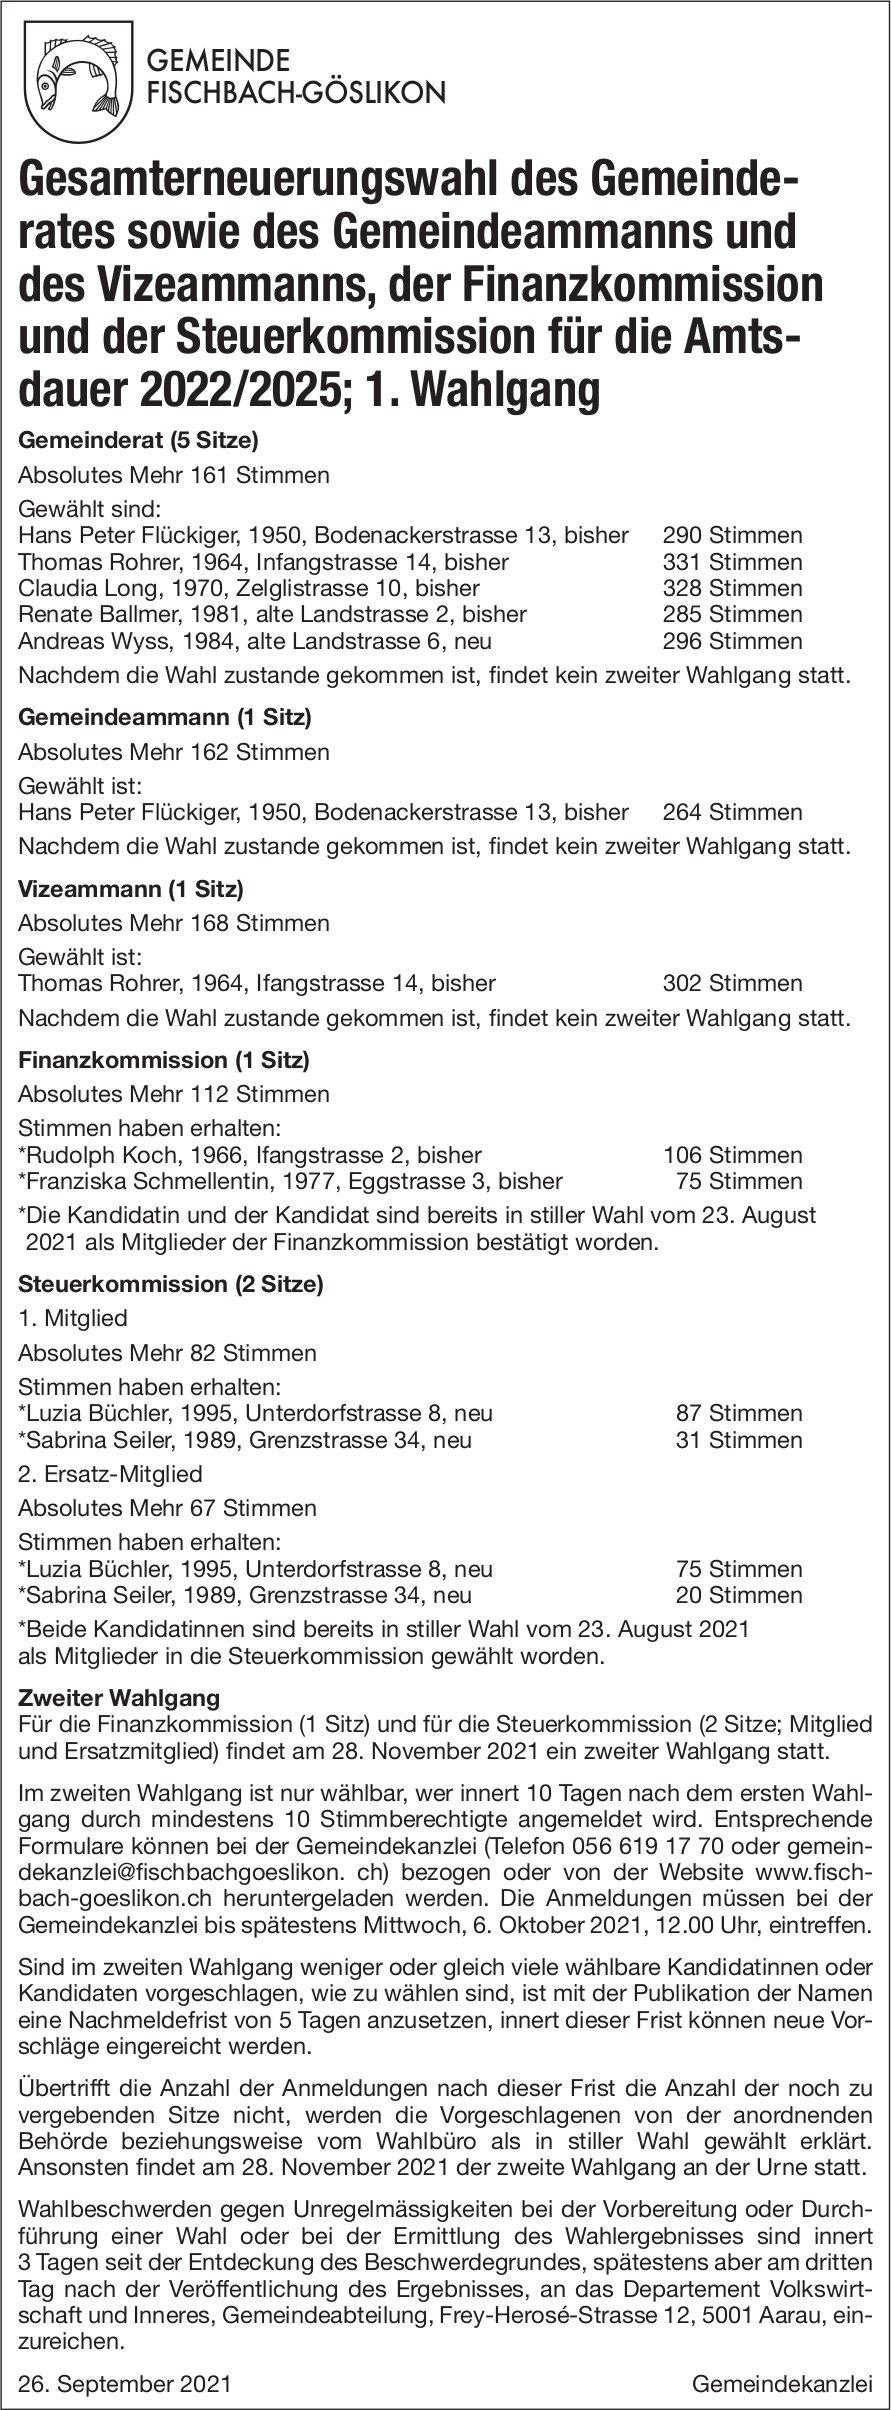 Gemeinde, Fischbach-Göslikon - Gesamterneuerungswahl; 1. Wahlgang